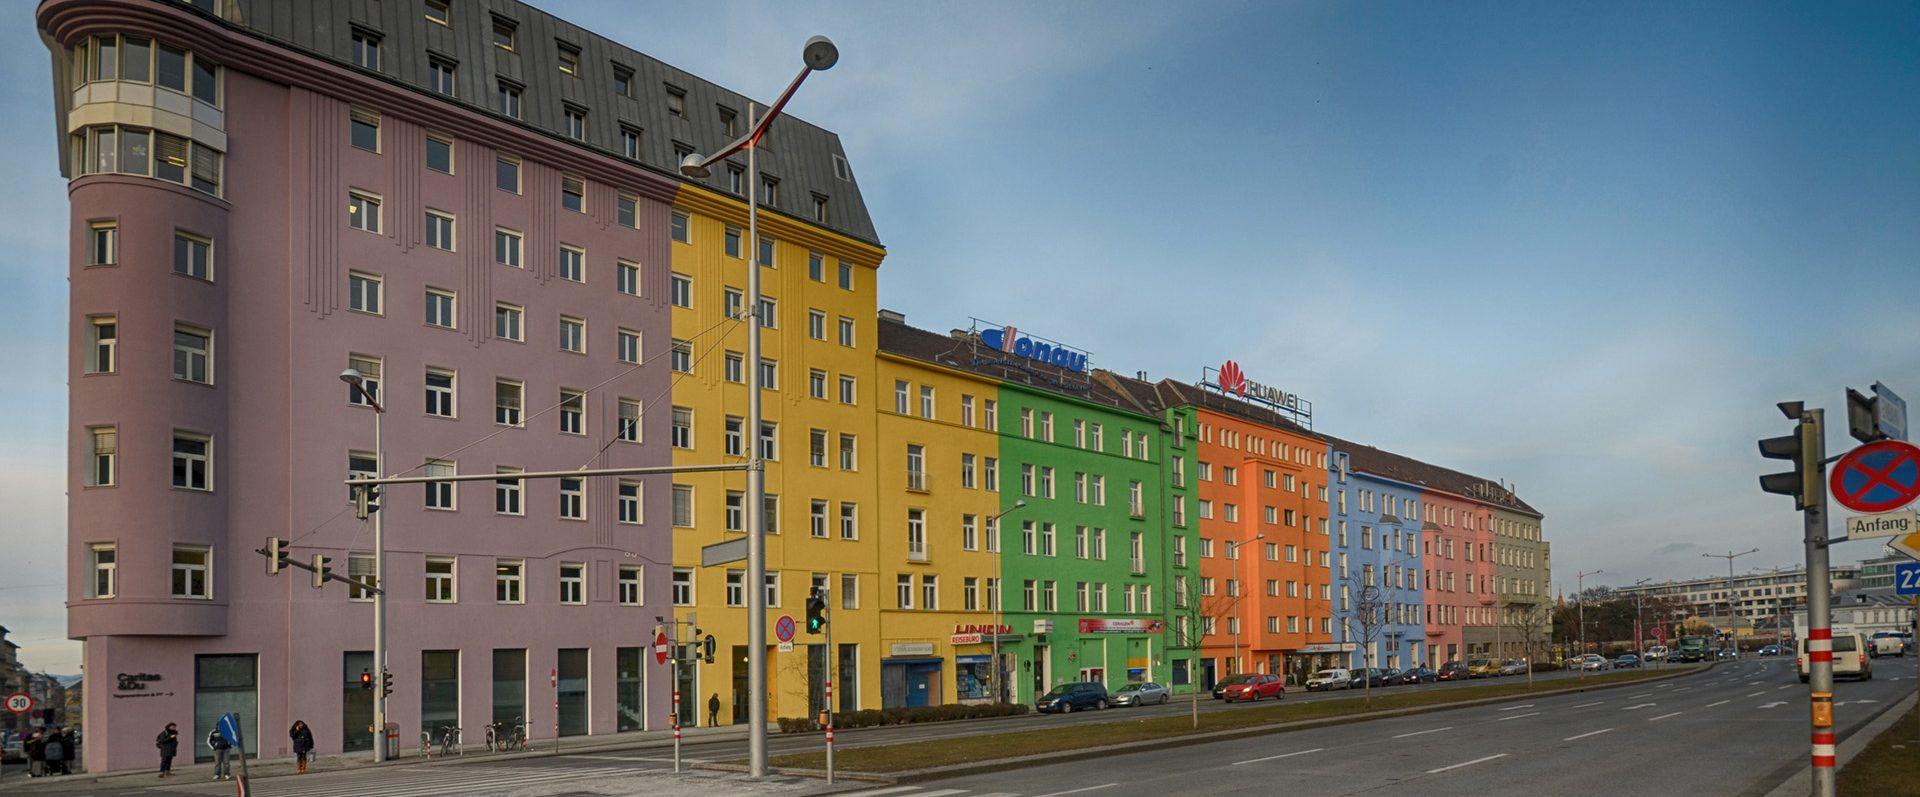 geri.at – Fotos aus Österreich